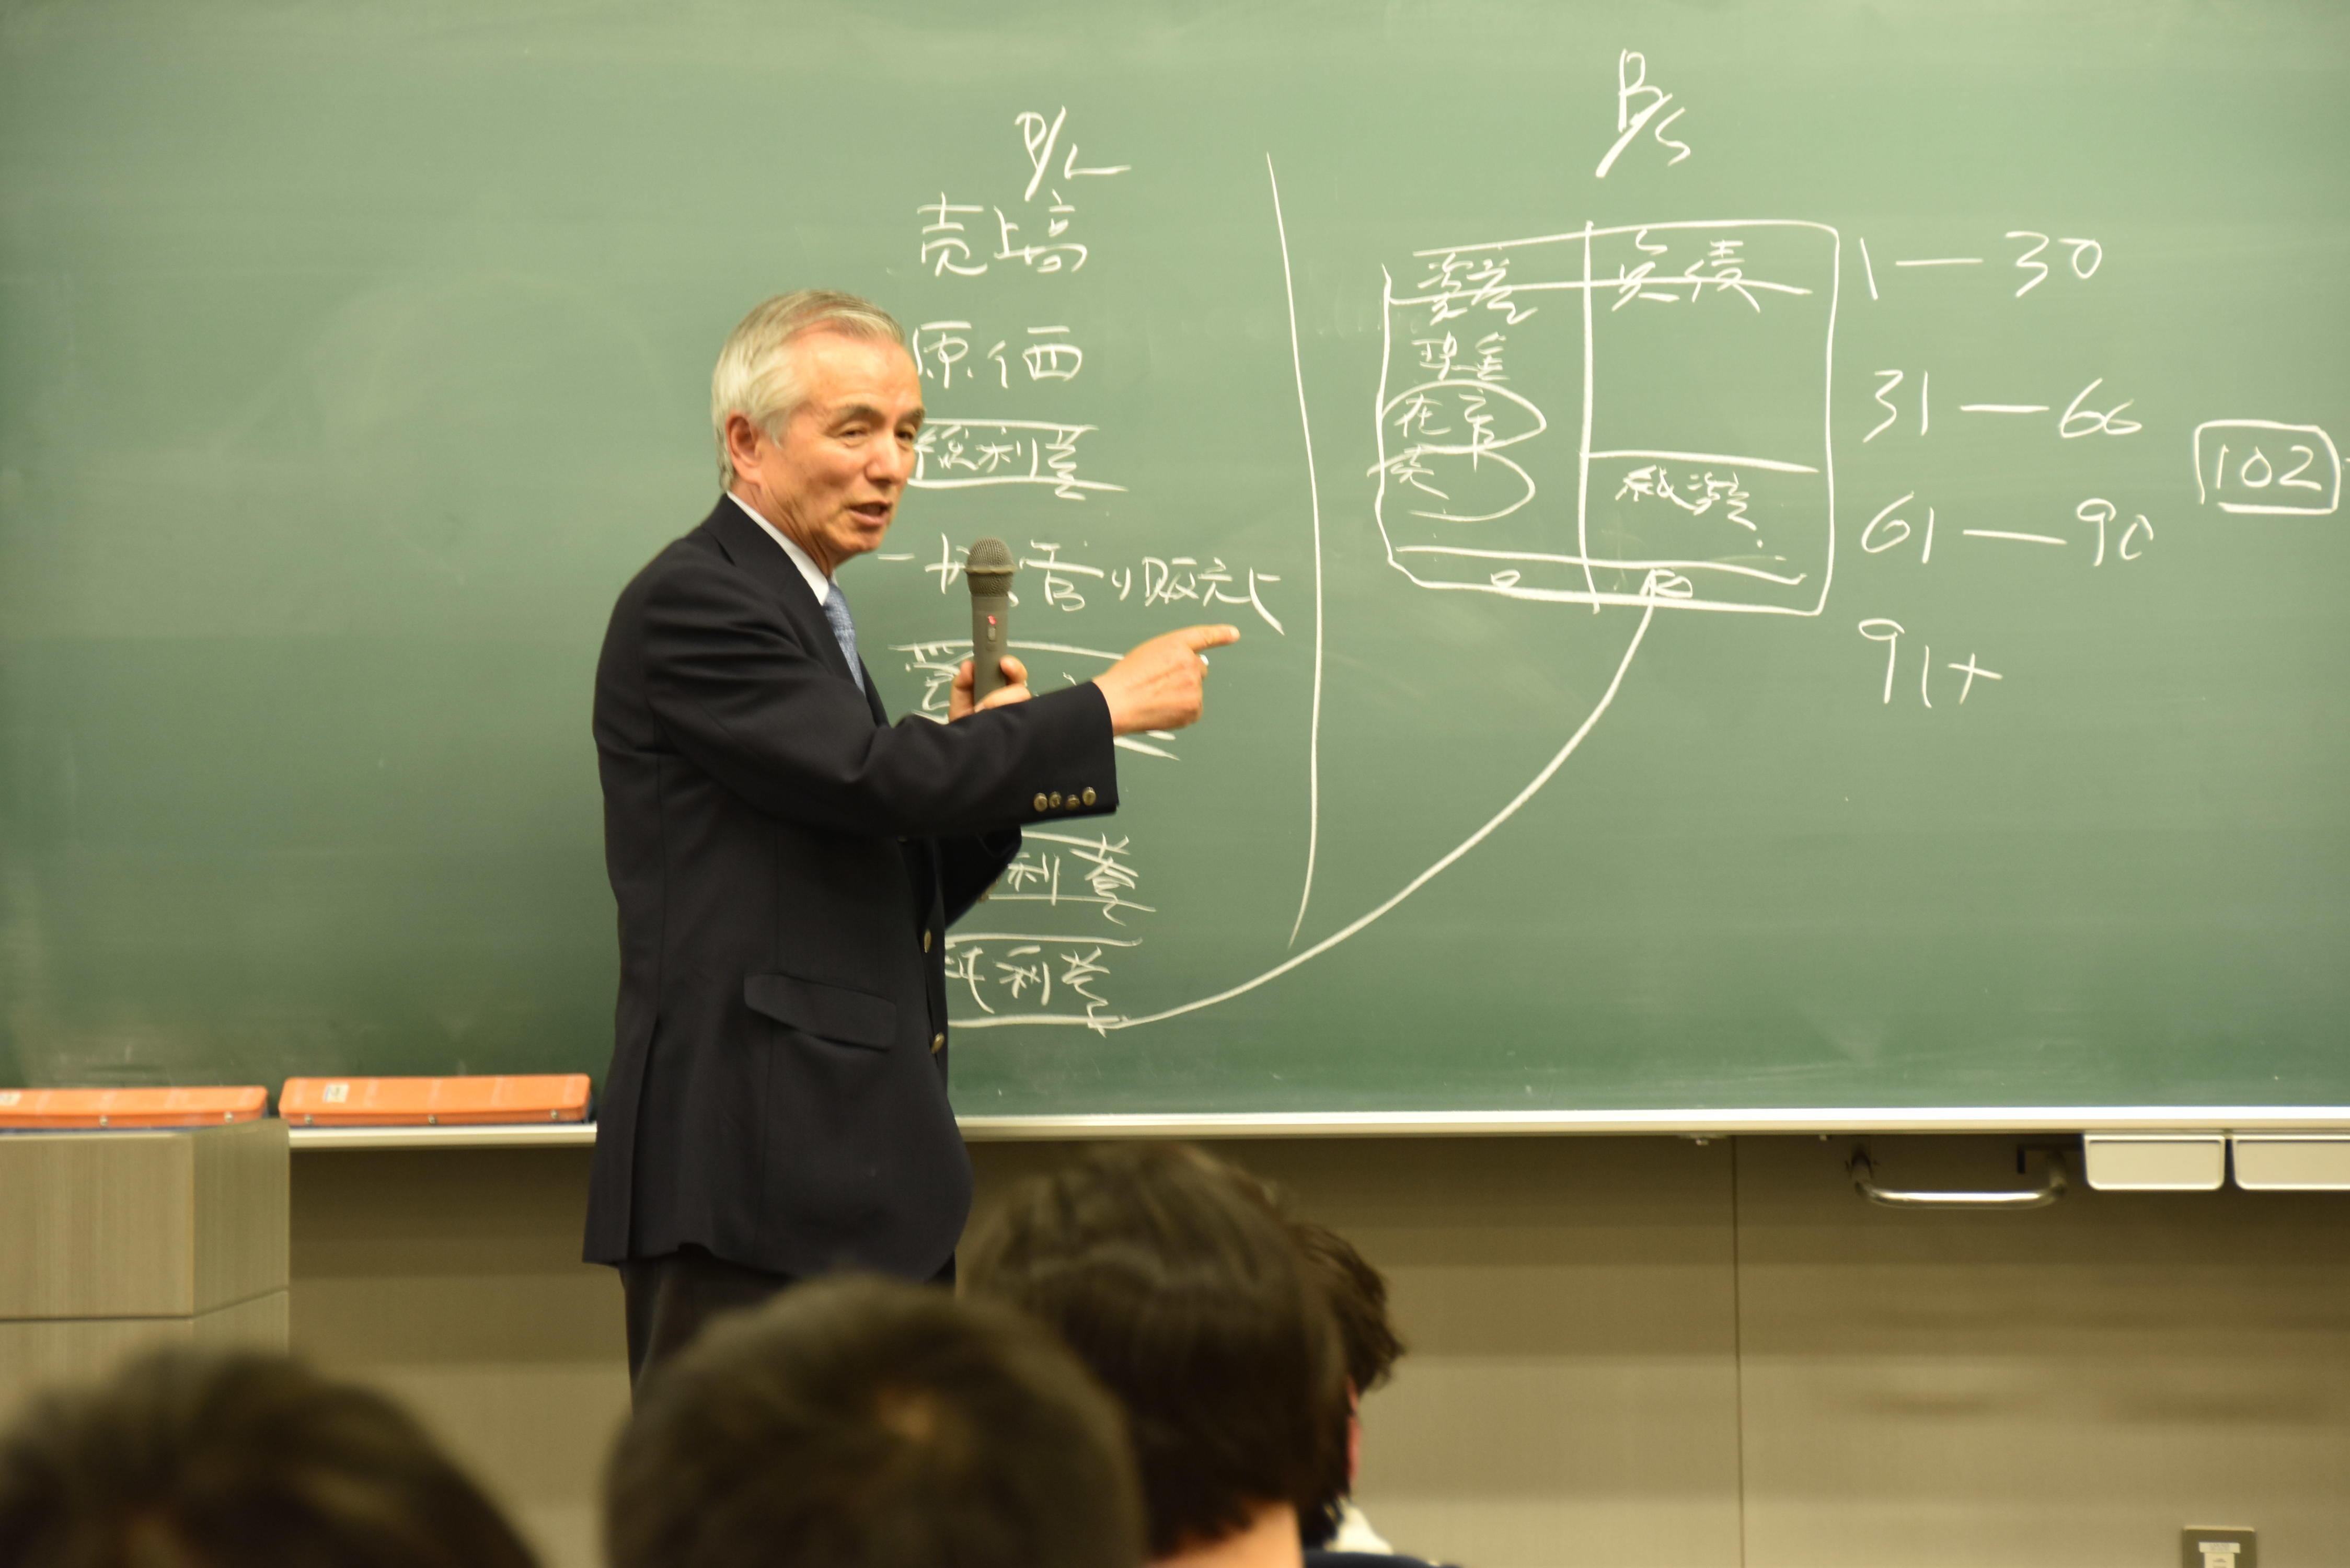 学生時代に財務諸表を学ぶ意義を説く千賀氏